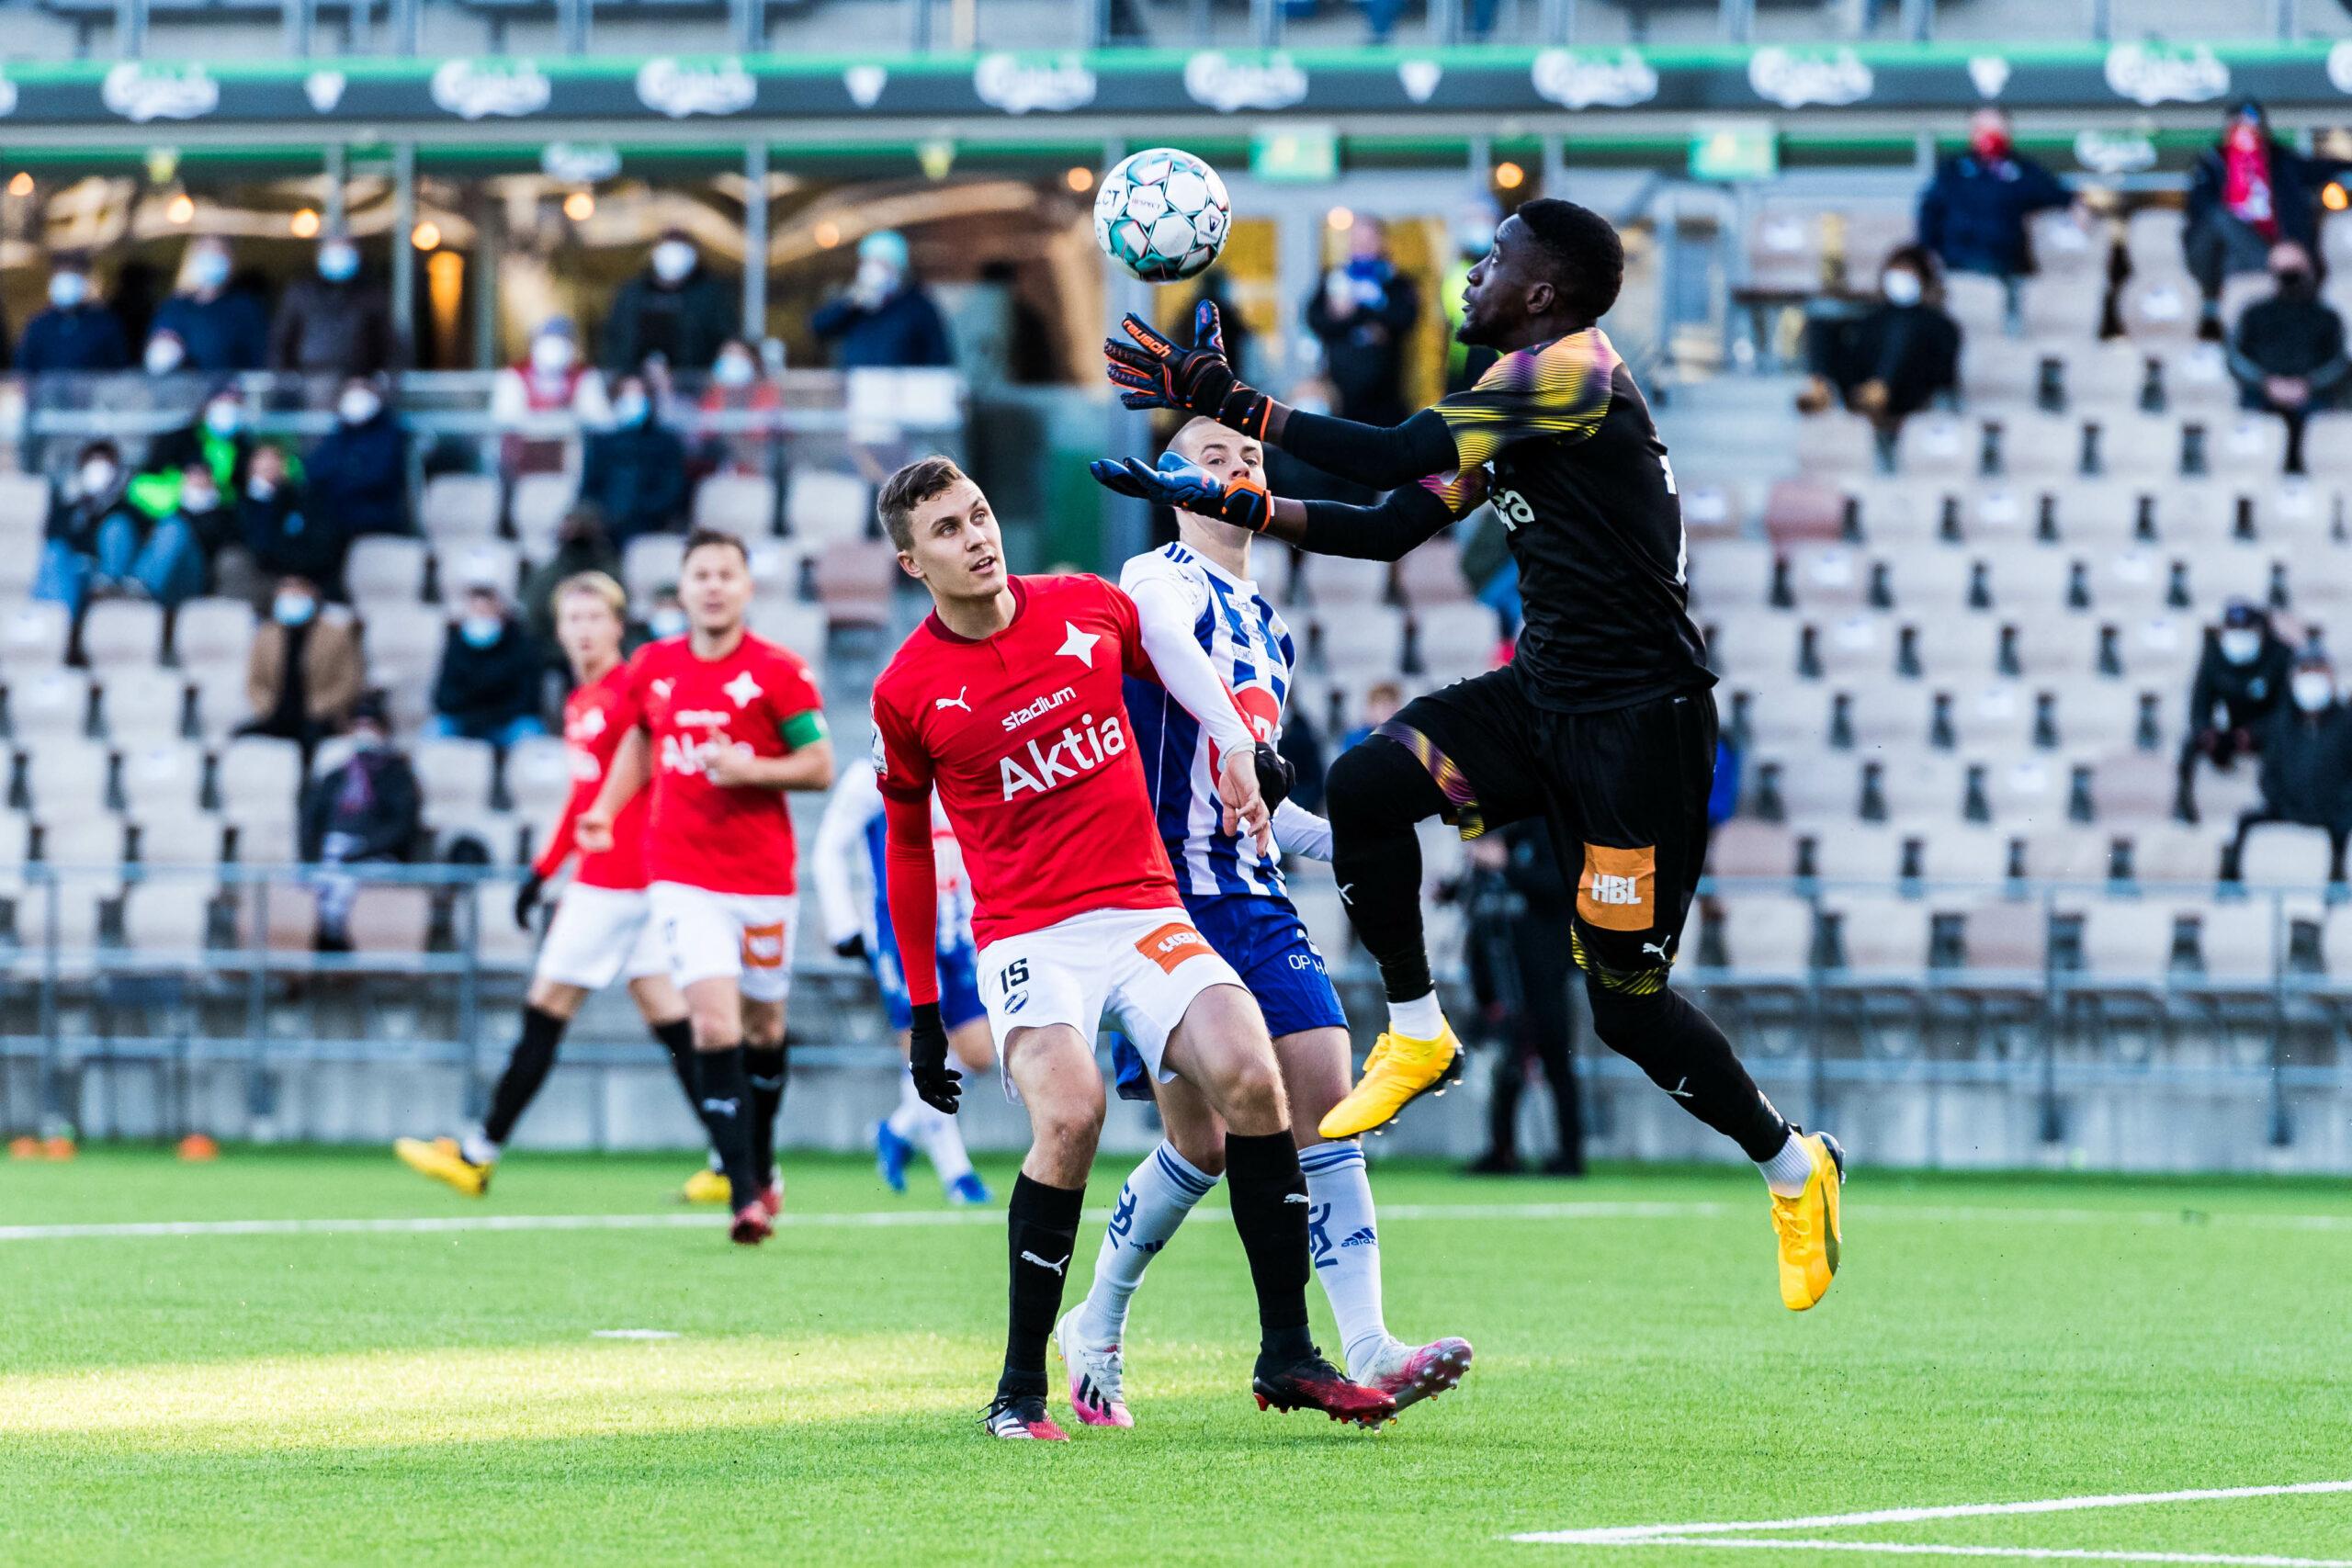 Otteluraportti: HJK kolmen maalin verran parempi kauden toisessa derbyssä